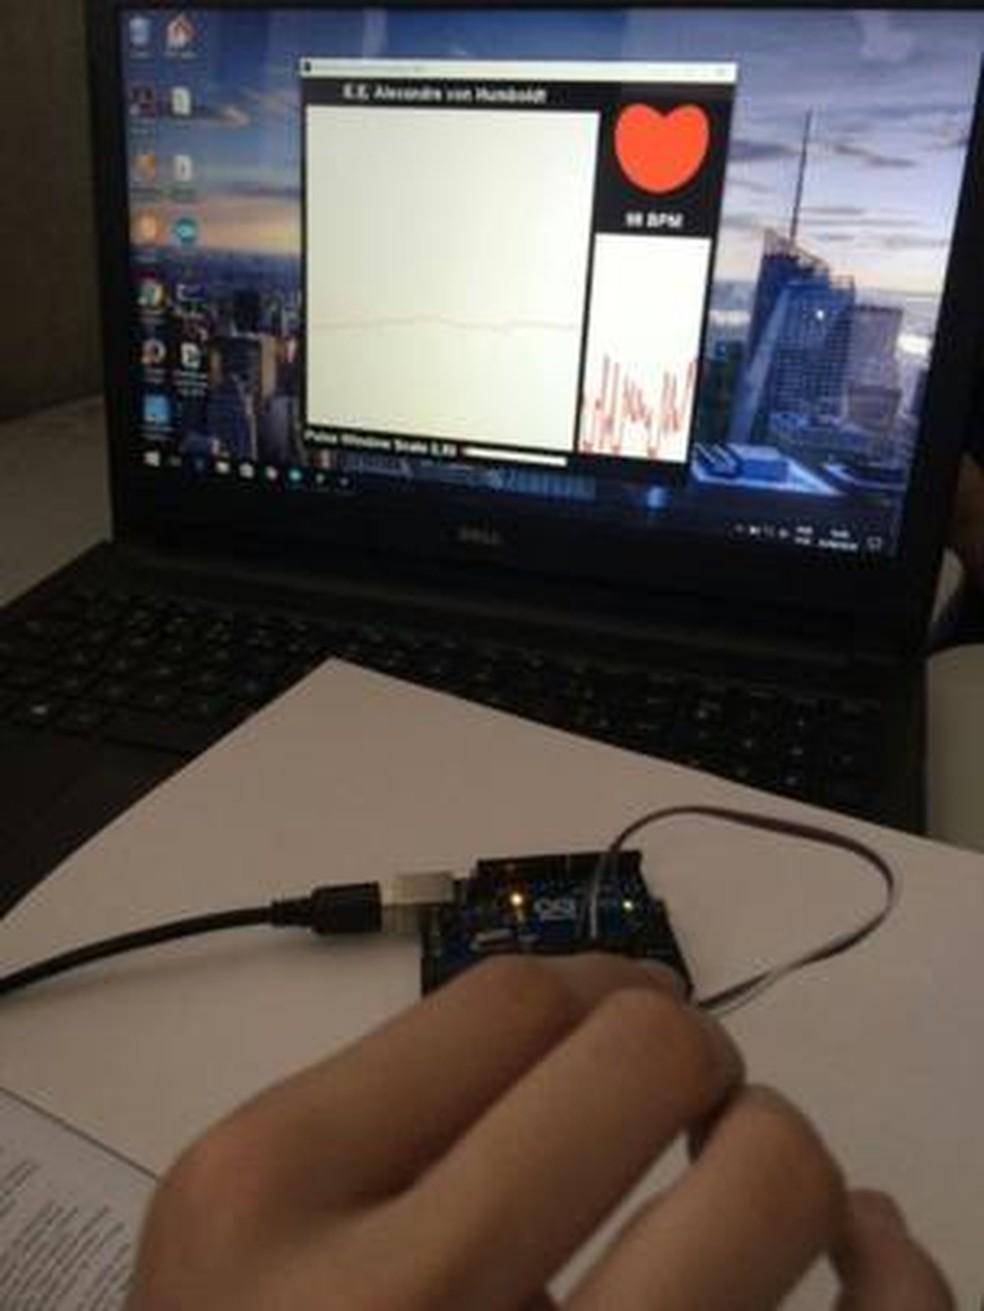 Monitor criado por Nathália identifica alteração em batimentos cardíacos durante episódio de sonambulismo  (Foto: Arquivo Pessoal)